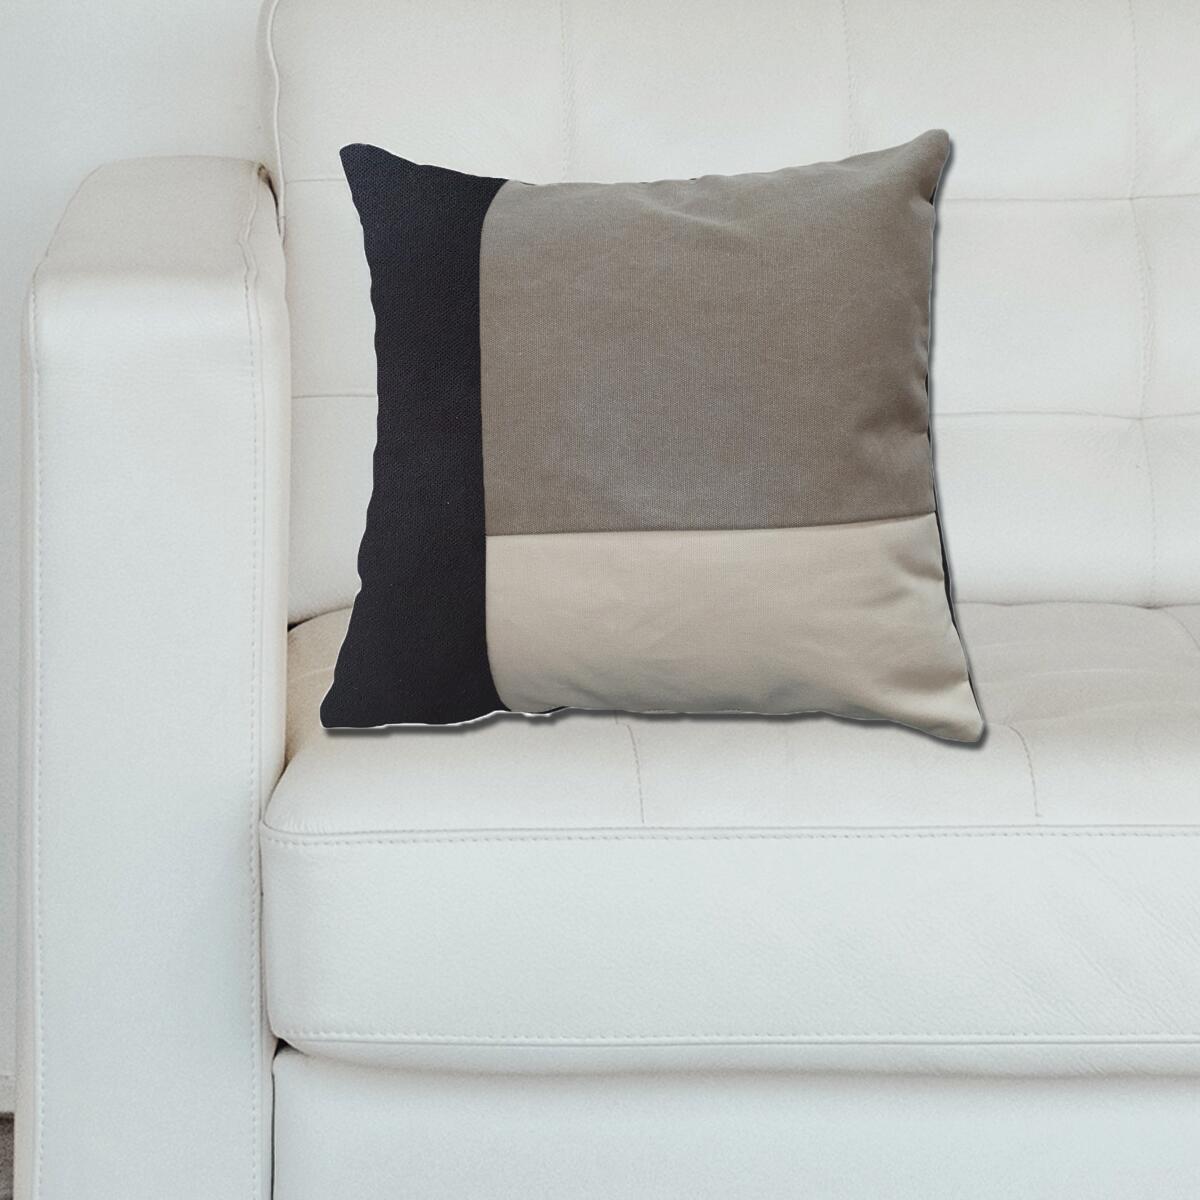 Cuscino Patch grigio 50x50 cm - 3